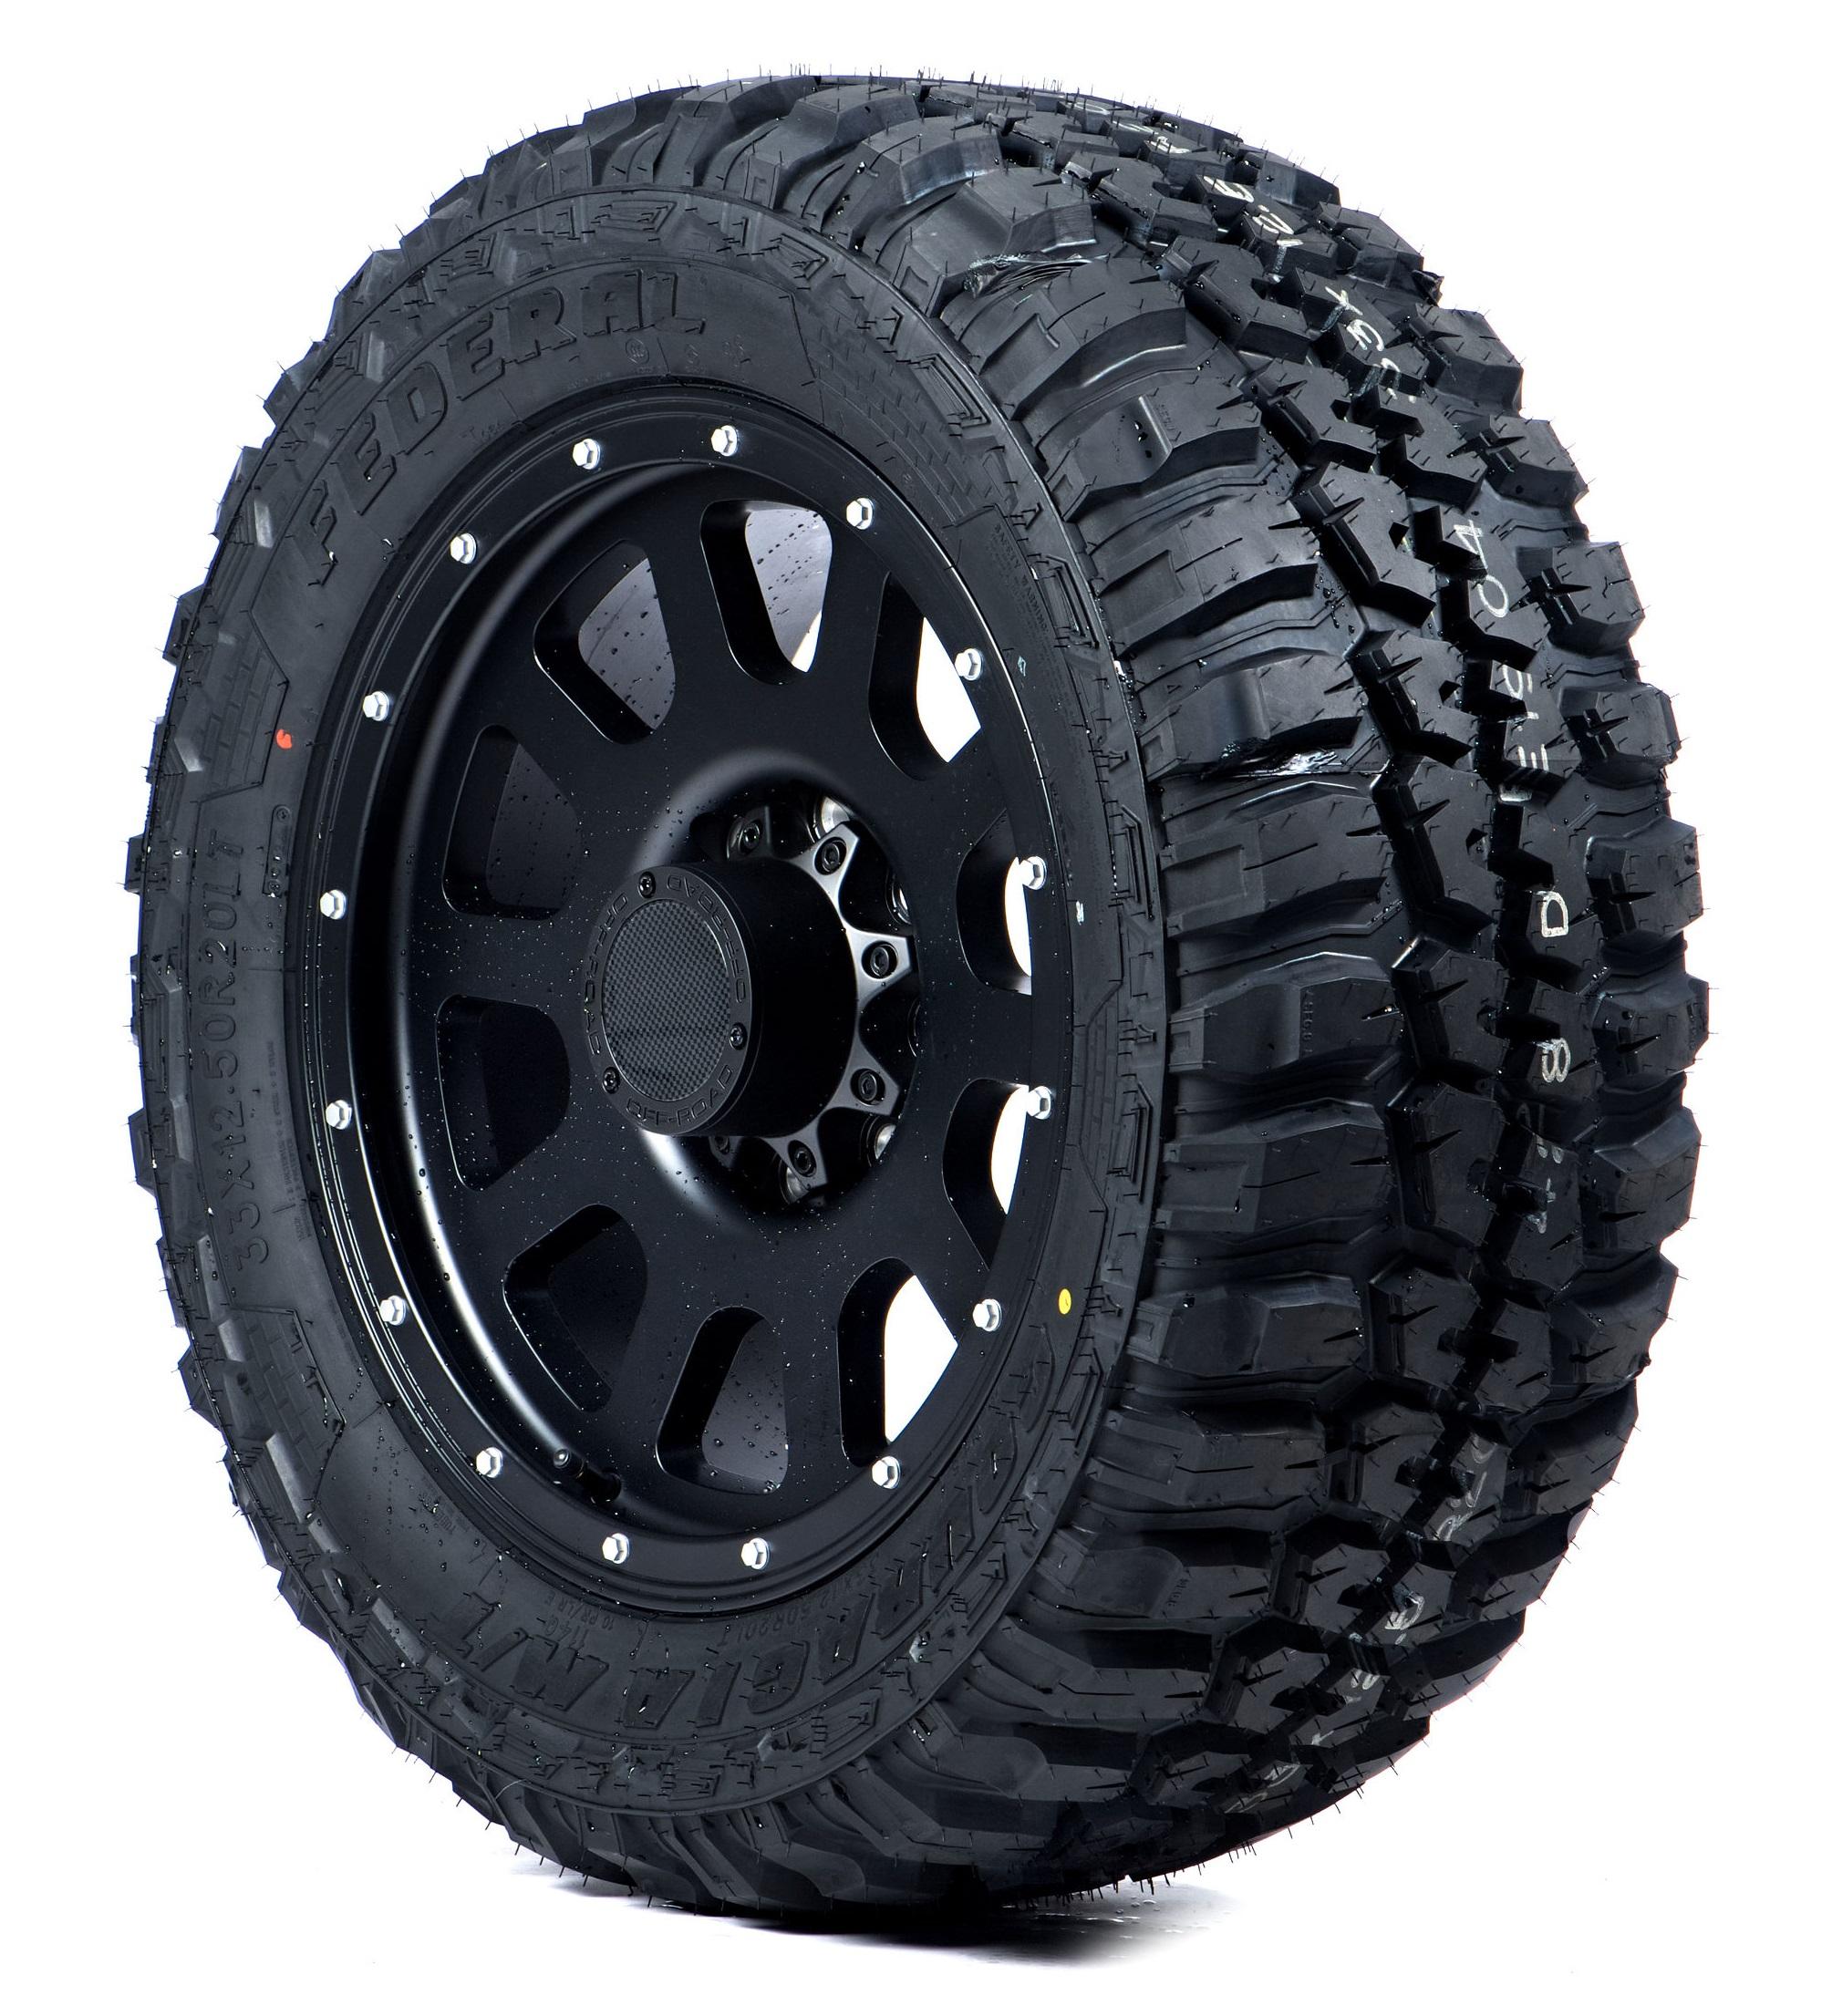 Federal Couragia M/T Mud Terrain Tire - 35X12.5018 121Q E (10 Ply)